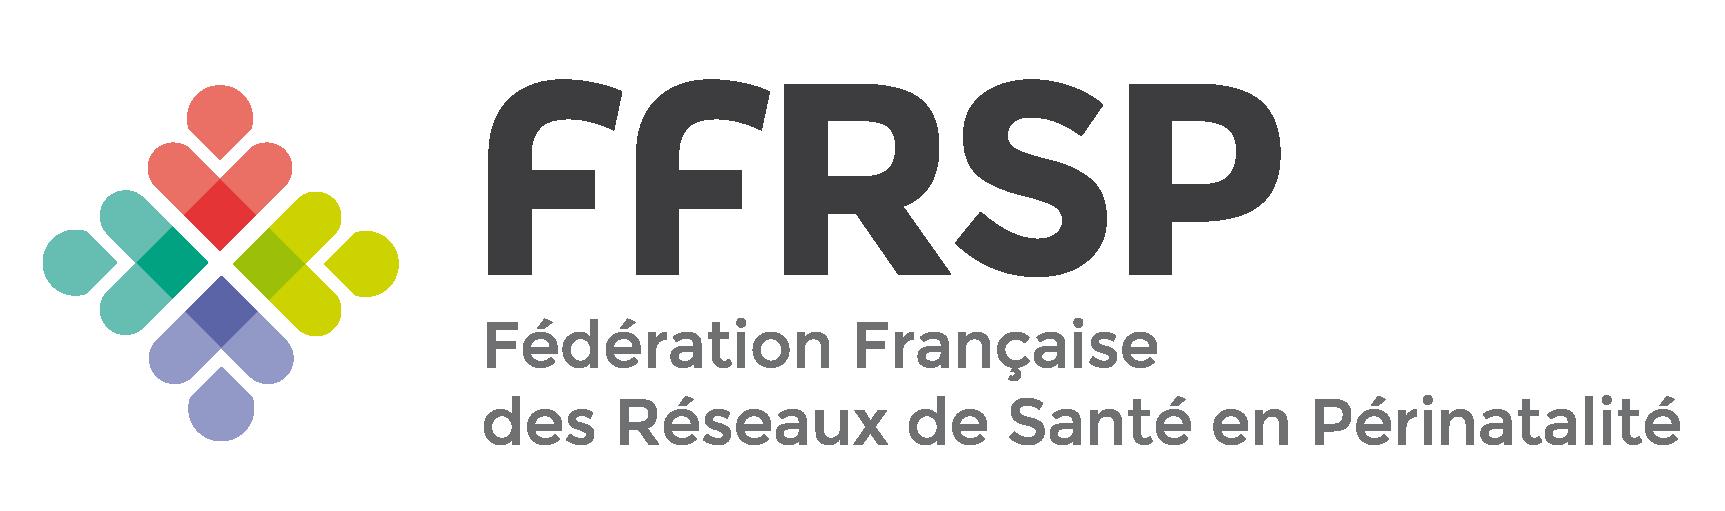 FFRSP